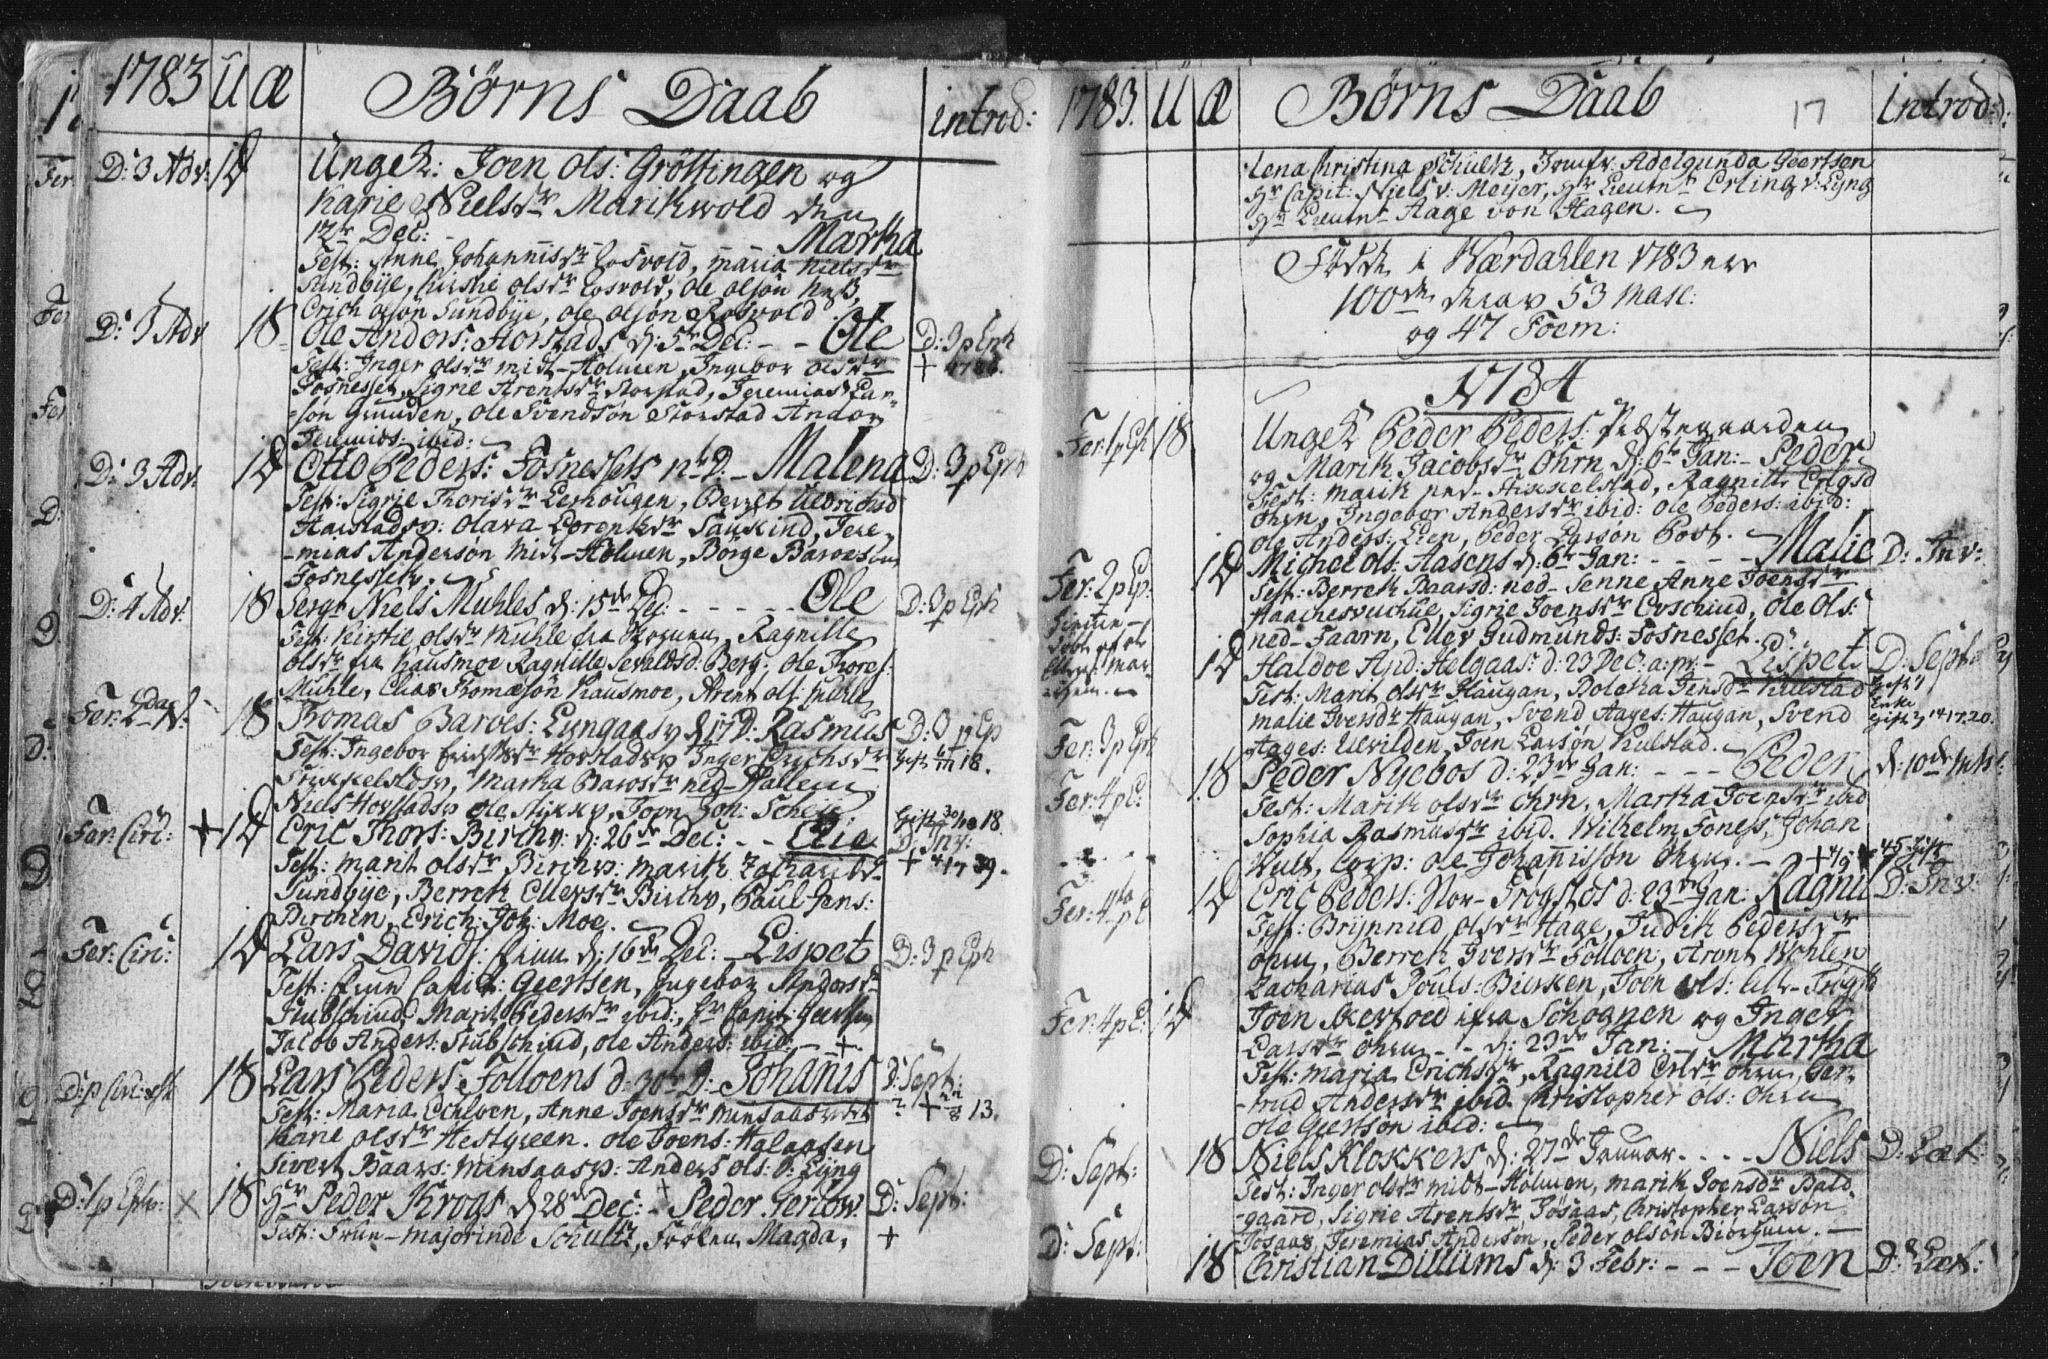 SAT, Ministerialprotokoller, klokkerbøker og fødselsregistre - Nord-Trøndelag, 723/L0232: Ministerialbok nr. 723A03, 1781-1804, s. 17